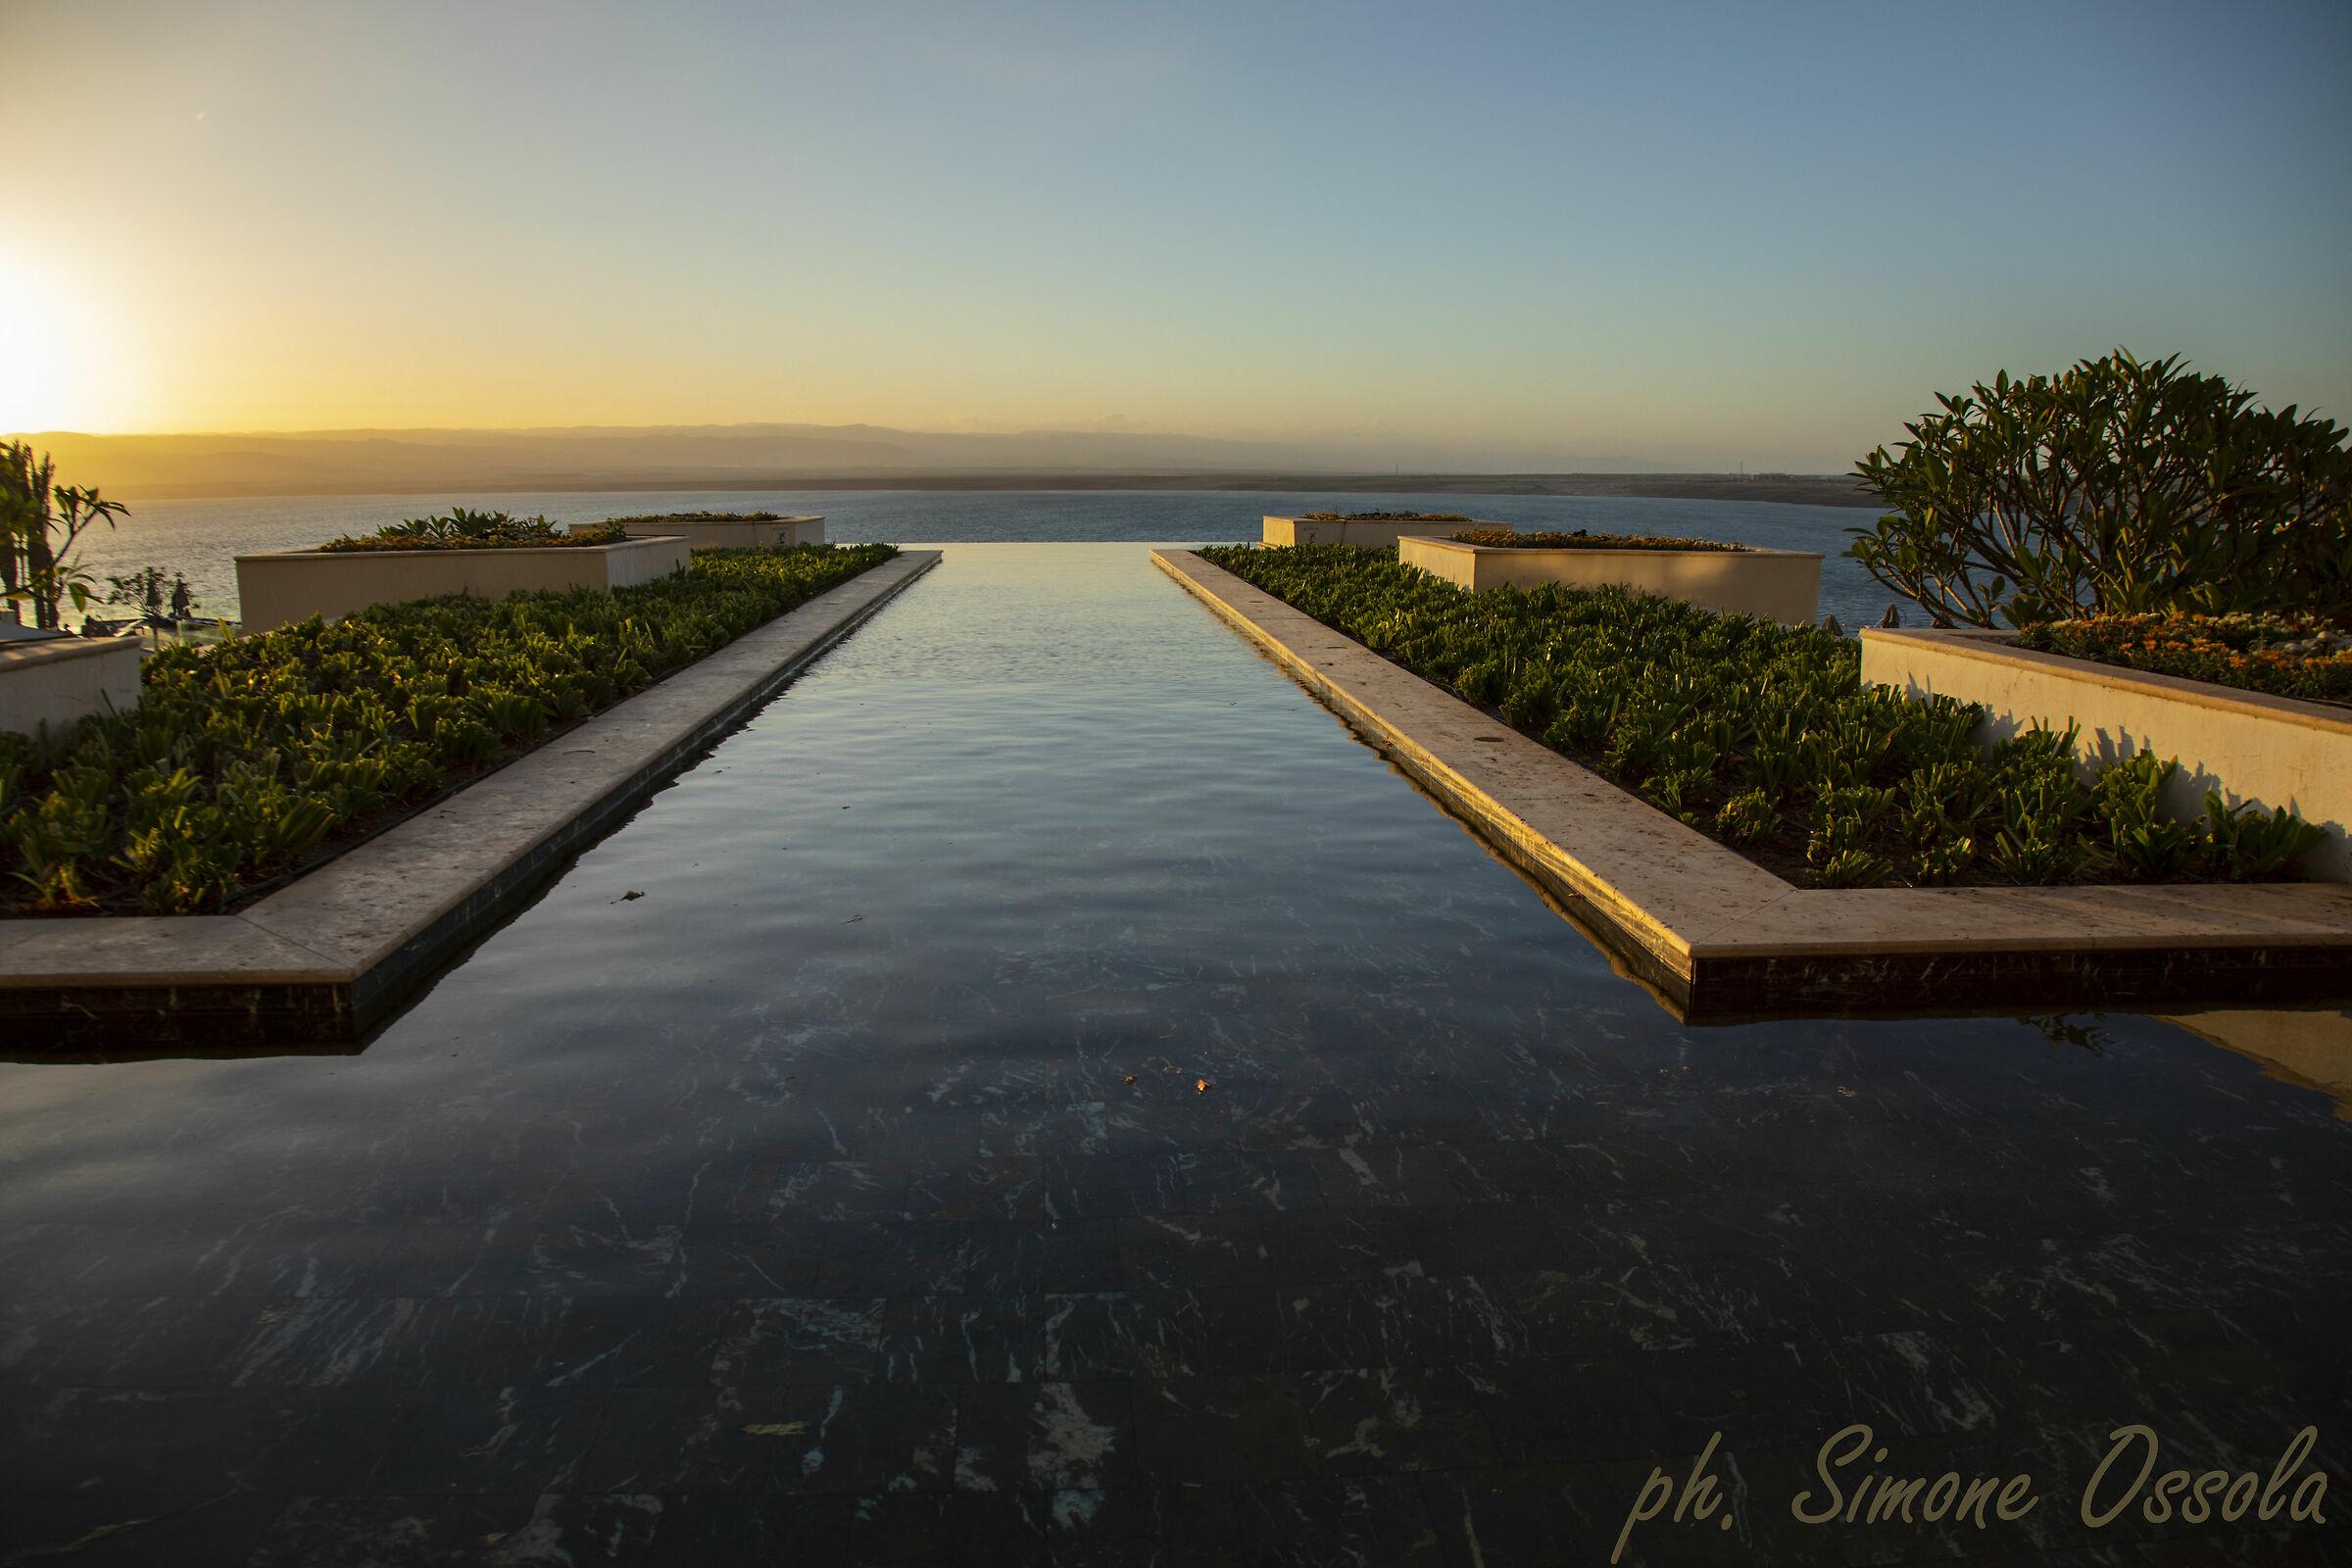 Sunset on the Dead Sea...